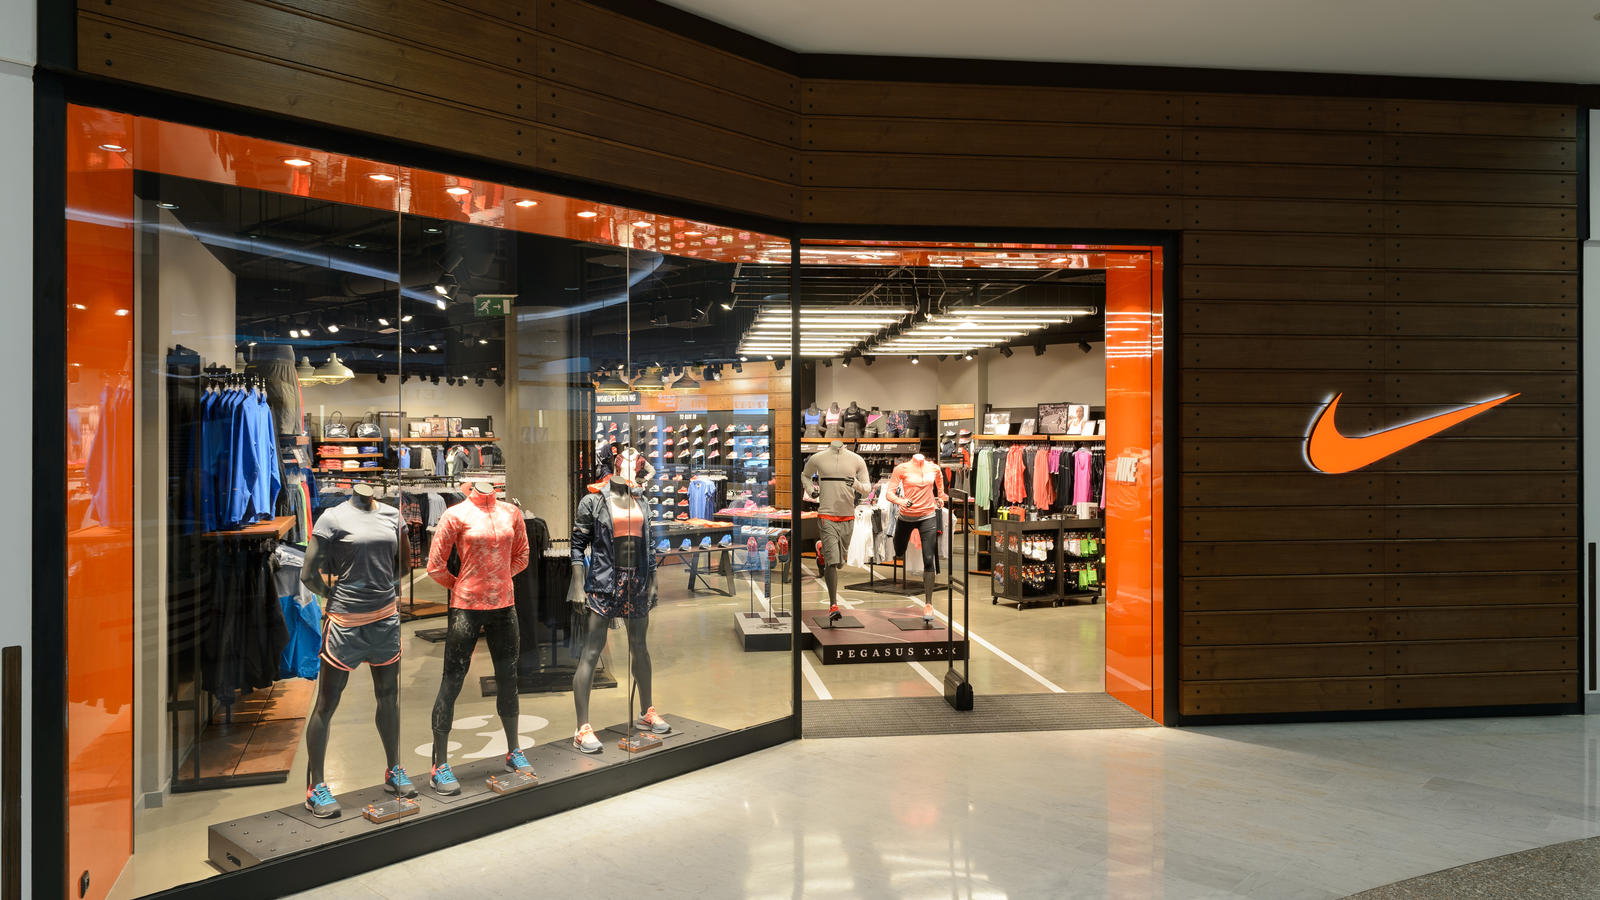 Cửa hàng Nike được thiết kế đẹp mắt và bán rất nhiều sản phẩm quần áo, giày dép, dụng cụ luyện tập thể thao